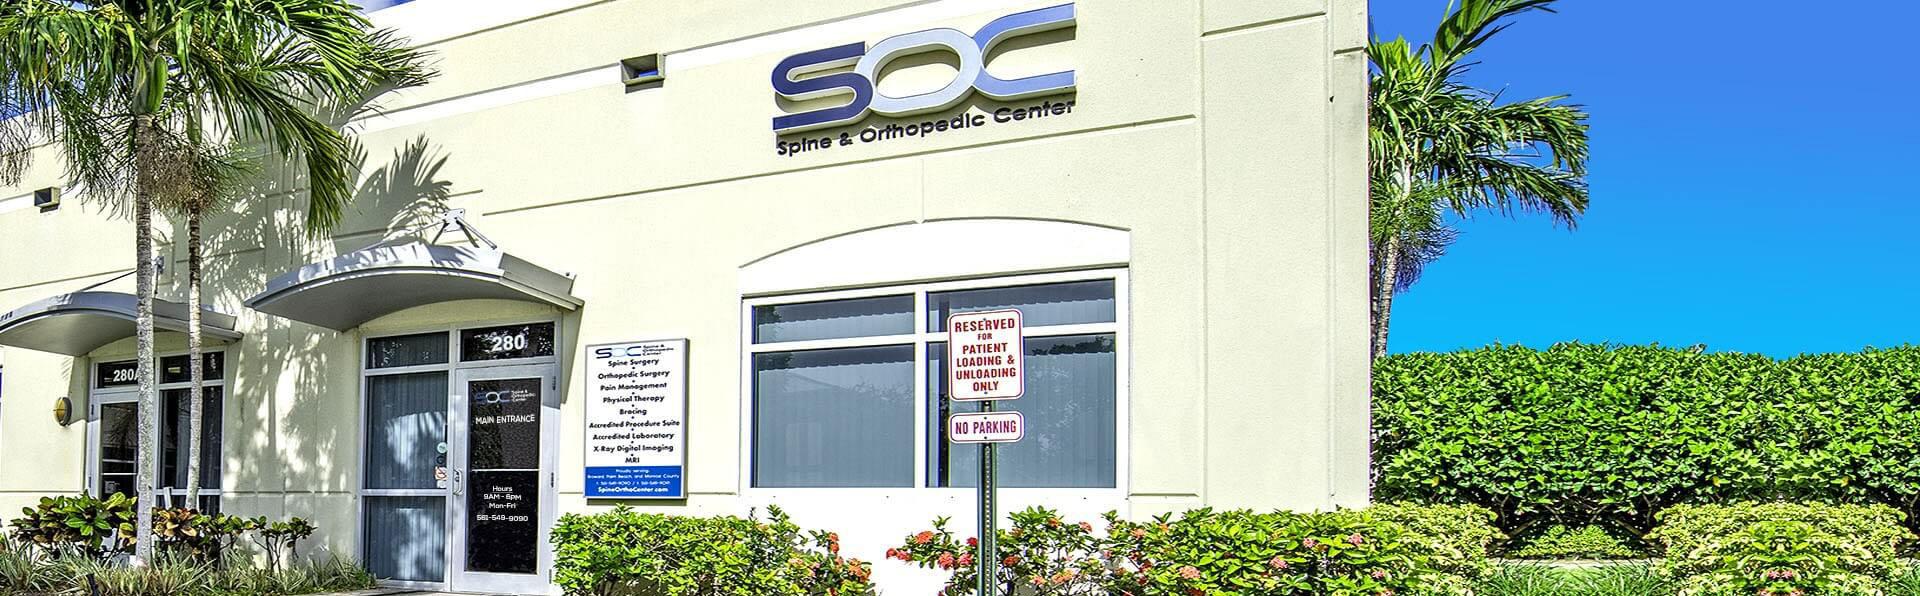 deerfield beach orthopedic group office